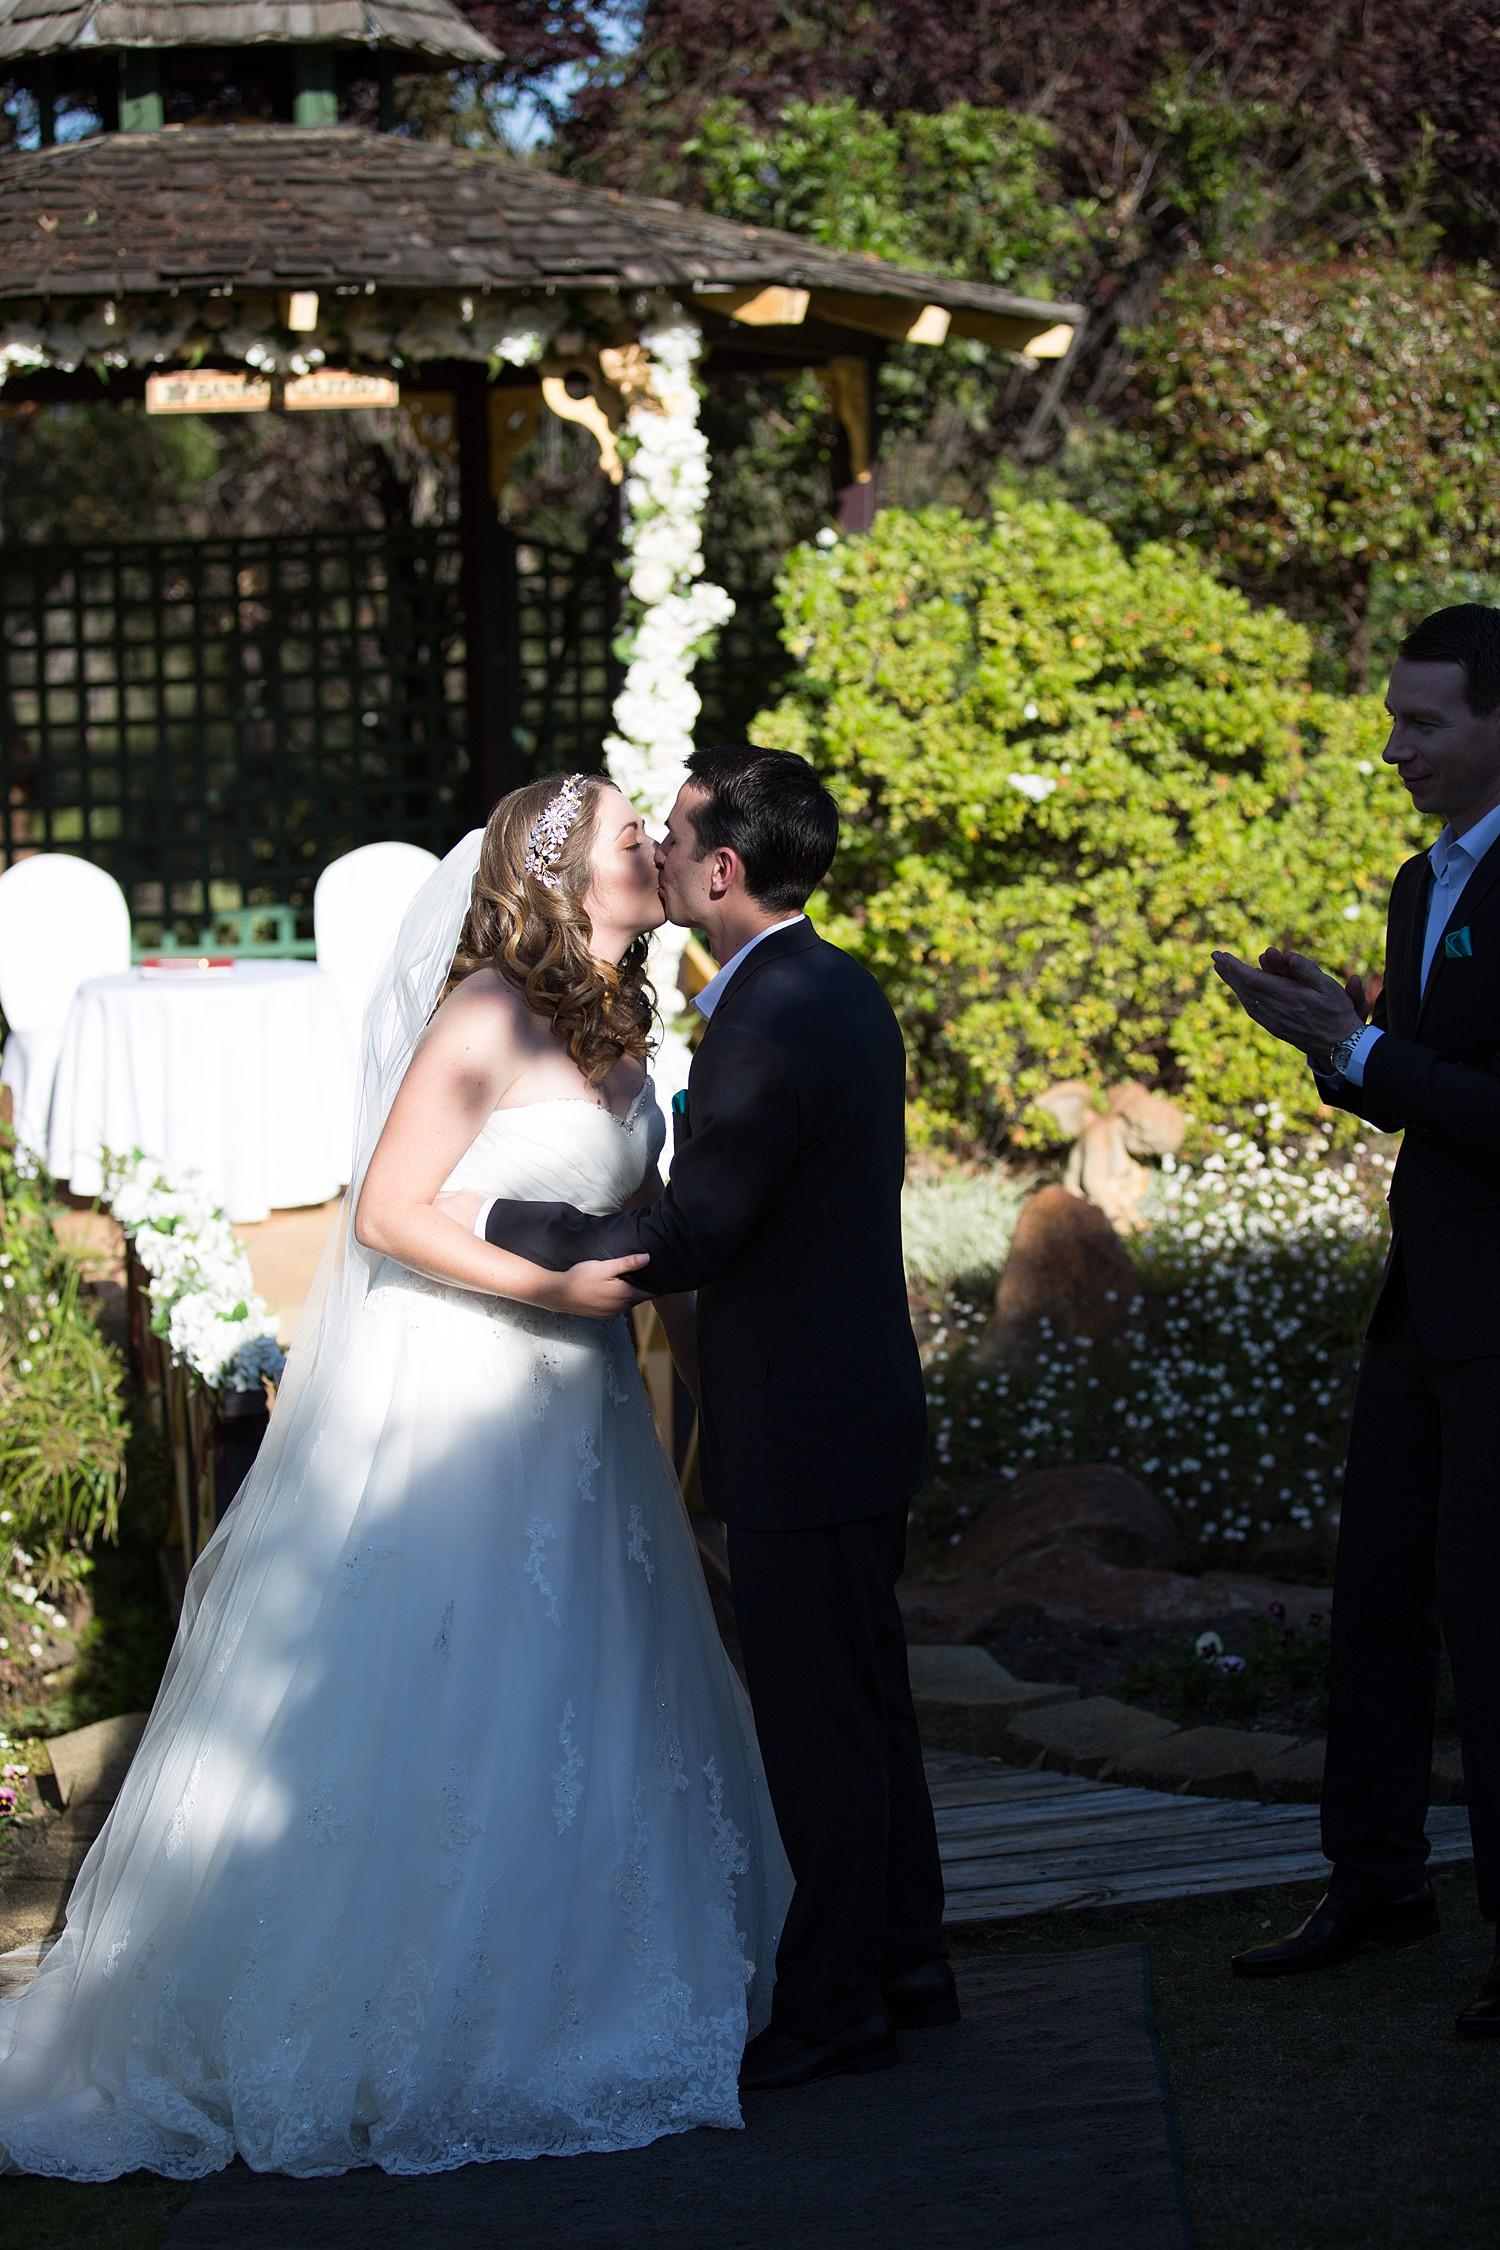 perth_wedding_spring_bridgeleigh_estate_0047.jpg